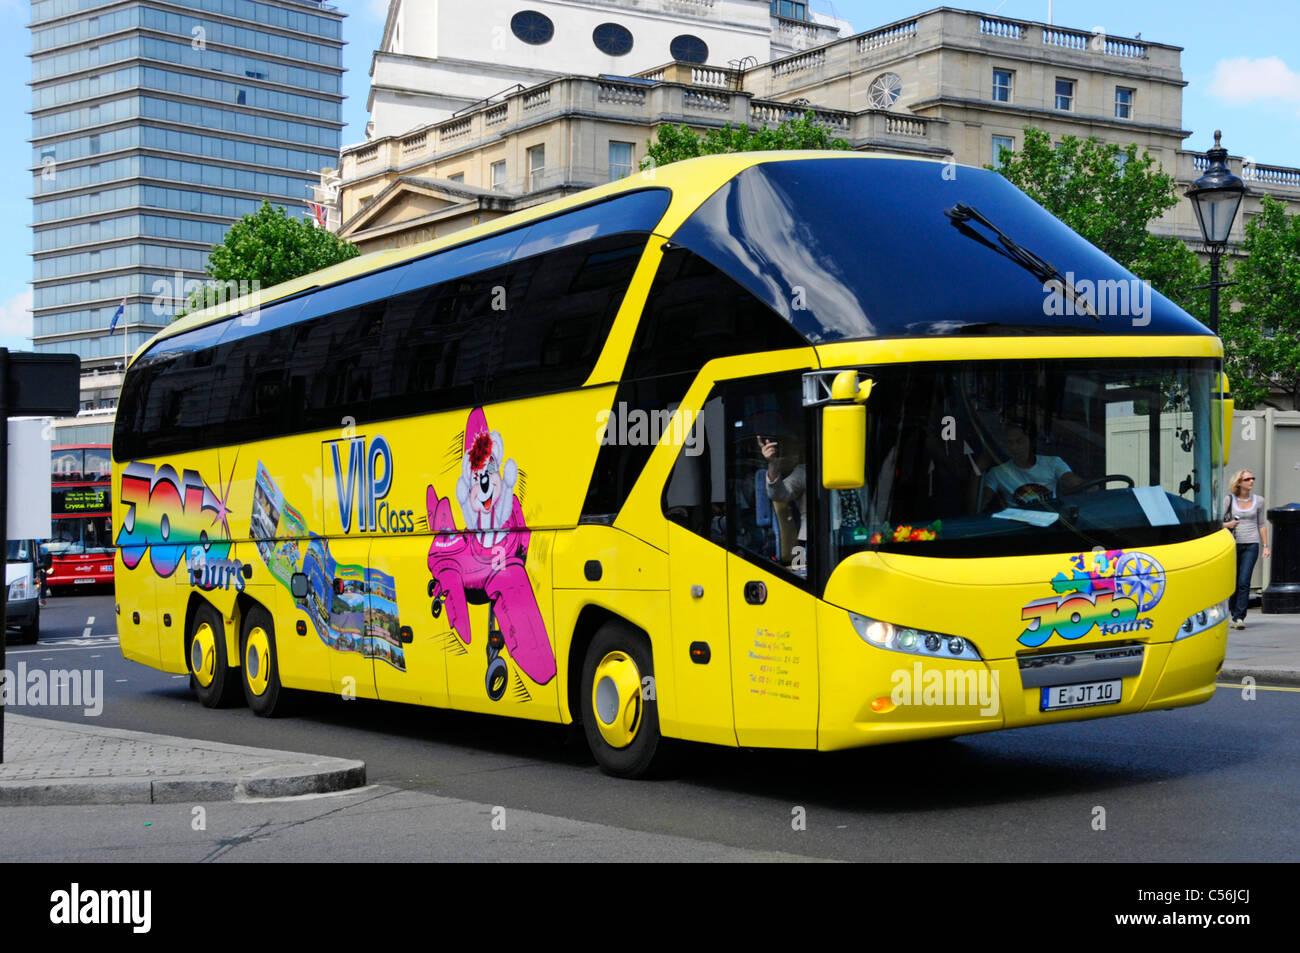 Modernes gelbes Deutscher Reisebus mit Grafik Design an der Seite auf dem Trafalgar Square London England Großbritannien Stockbild